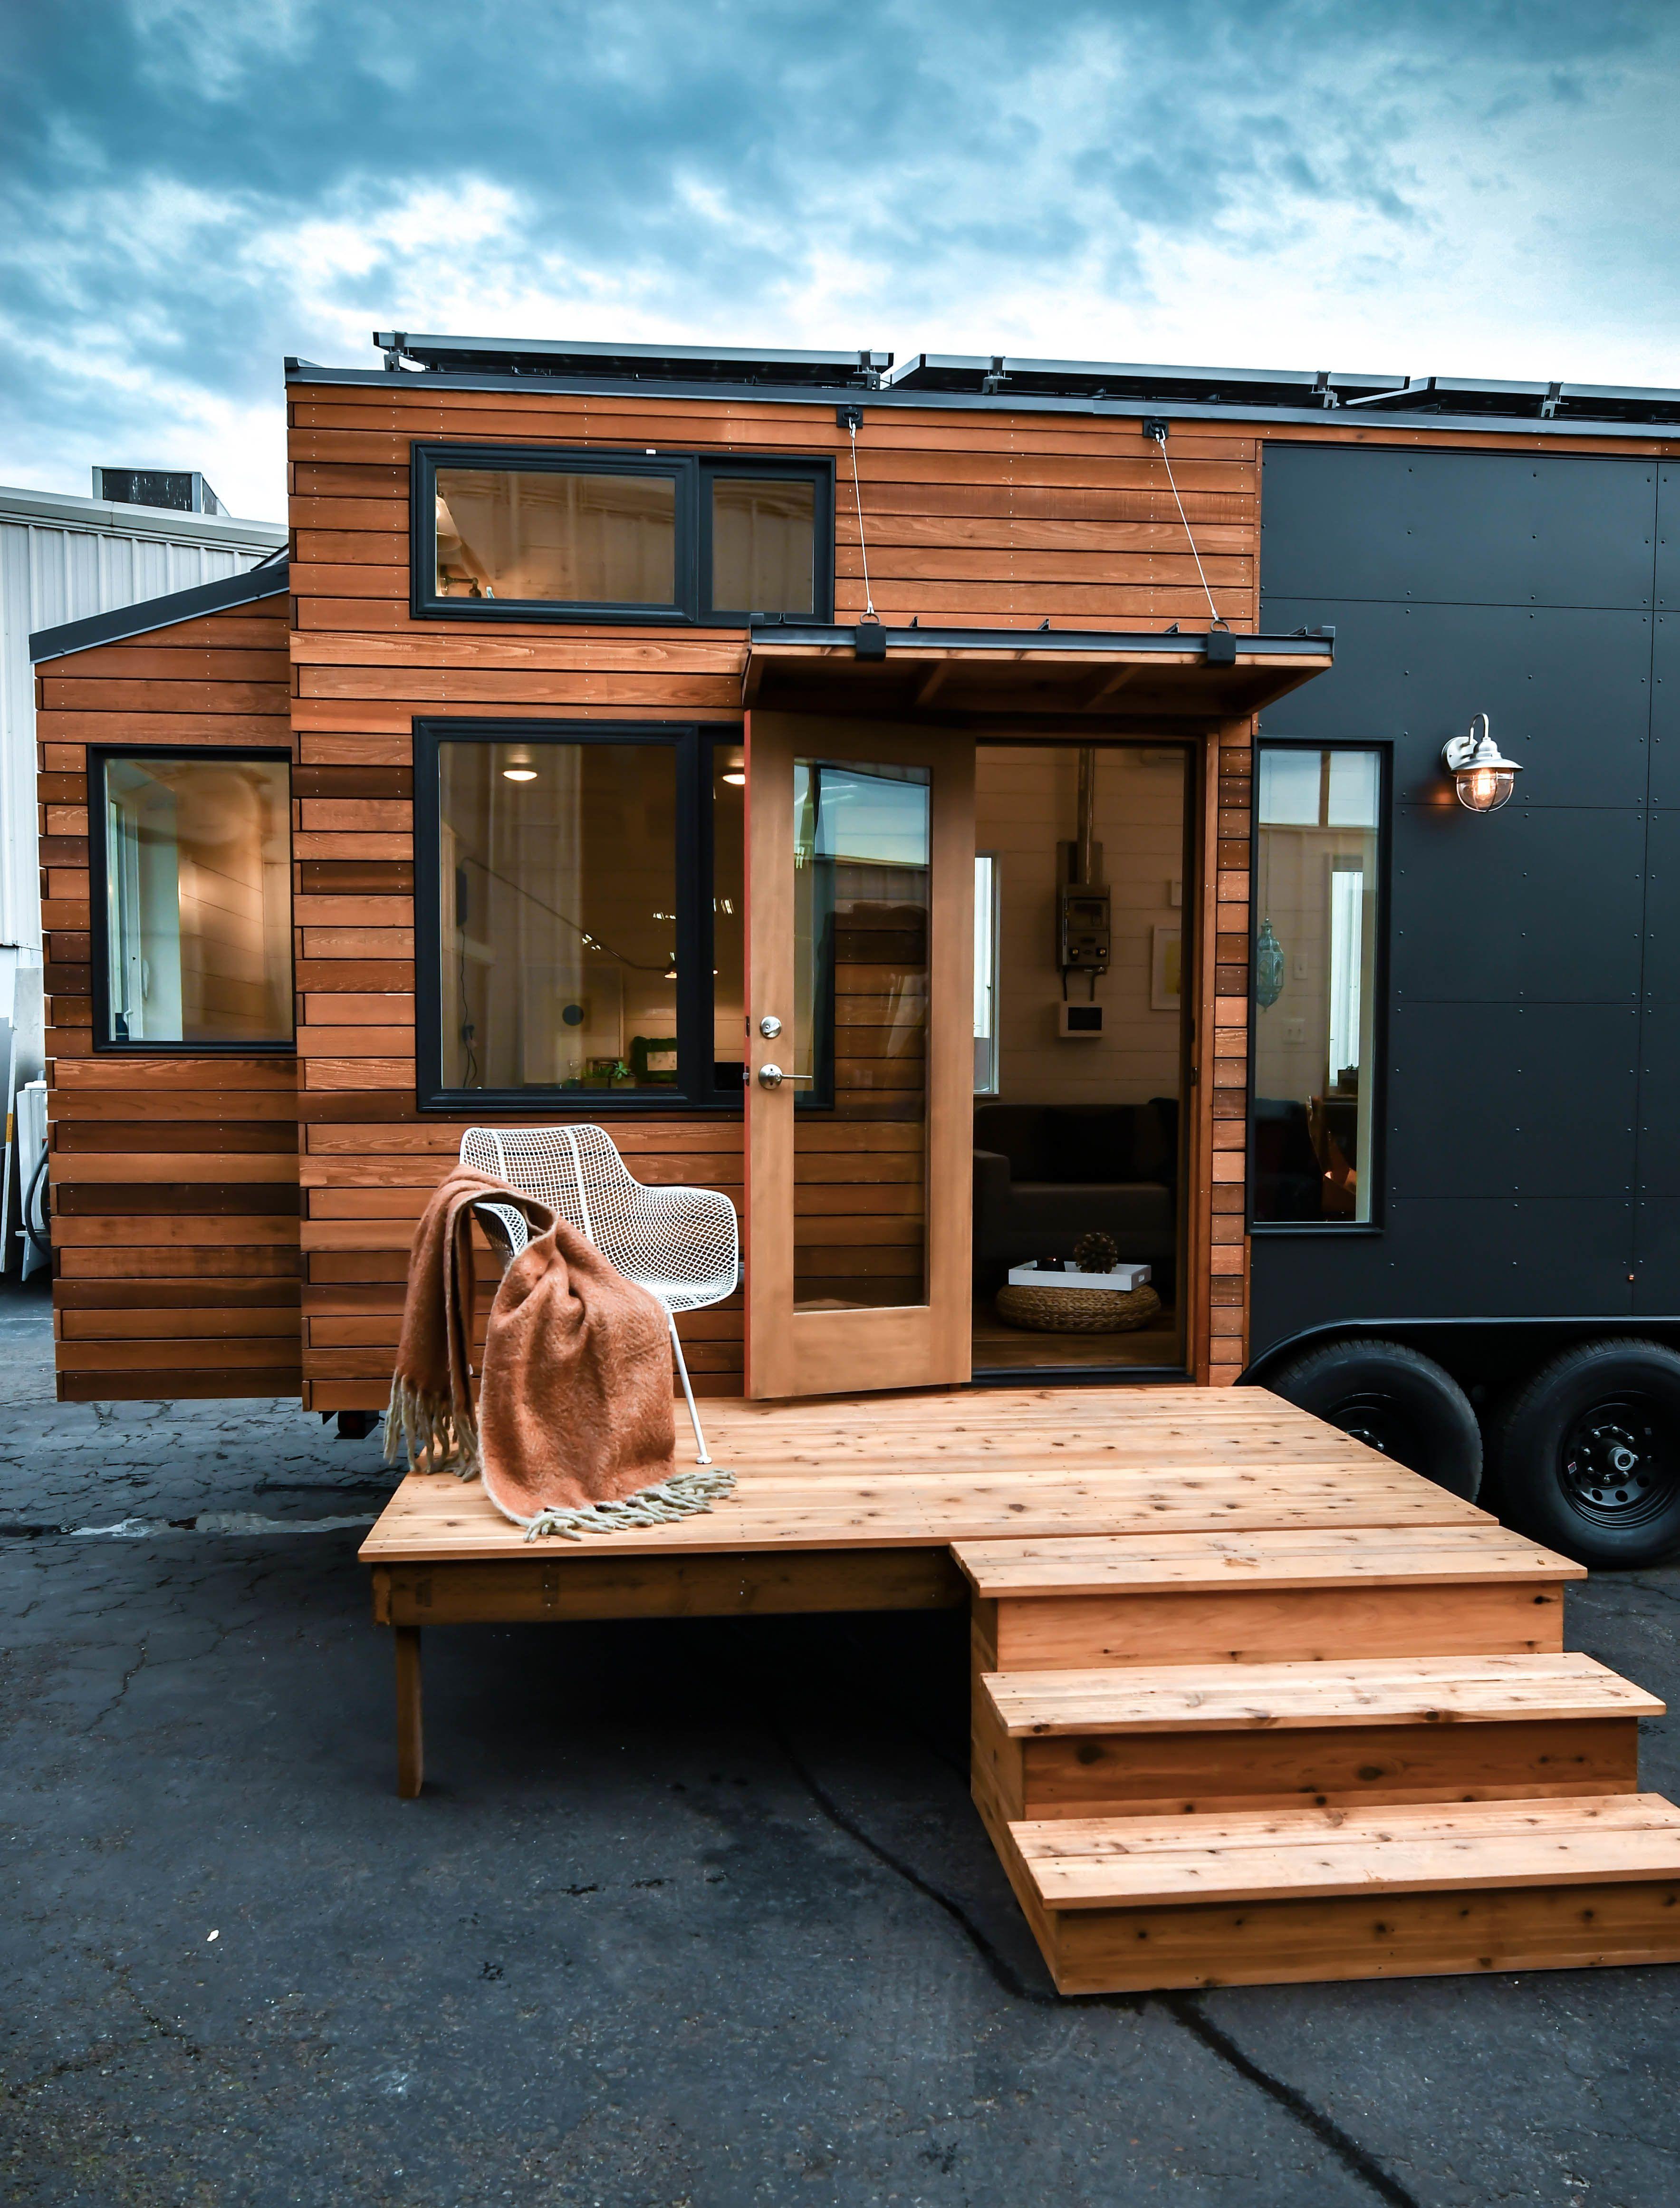 Tru Form Tiny S Photos From Solar Tiny For Family Of 5 Tiny House Exterior Tiny House Design Modern Tiny House